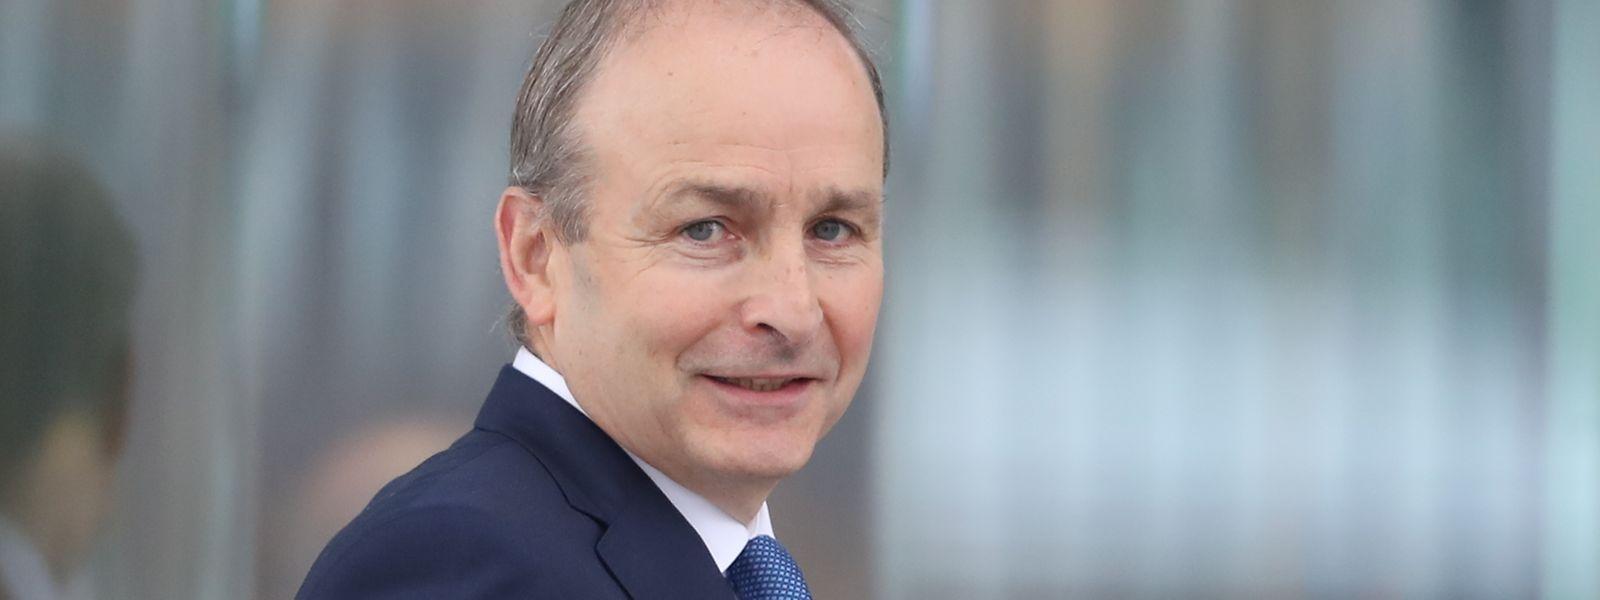 Micheál Martin, Vorsitzender der Partei Fianna Fail, kommt zur Wahl des neuen irischen Premierministers im Kongresszentrum.